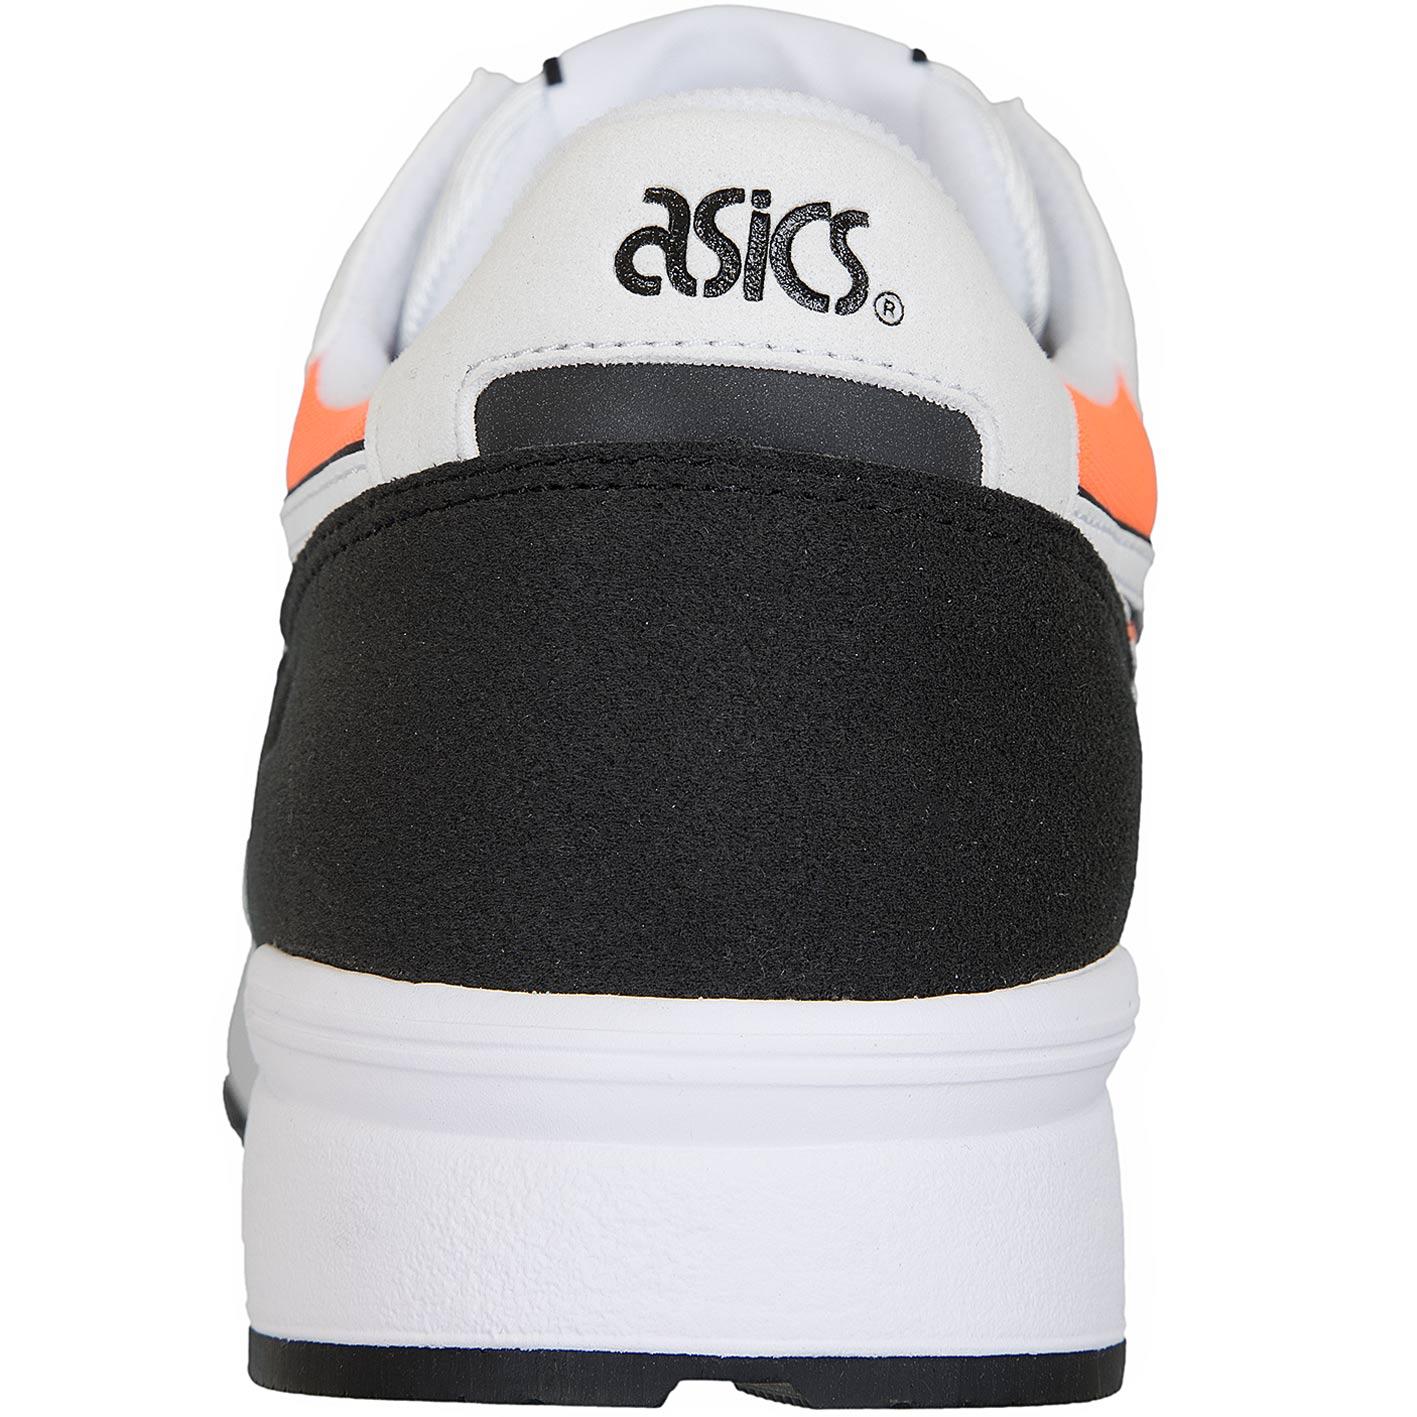 Asics Sneaker Gel Lyte whiteorange